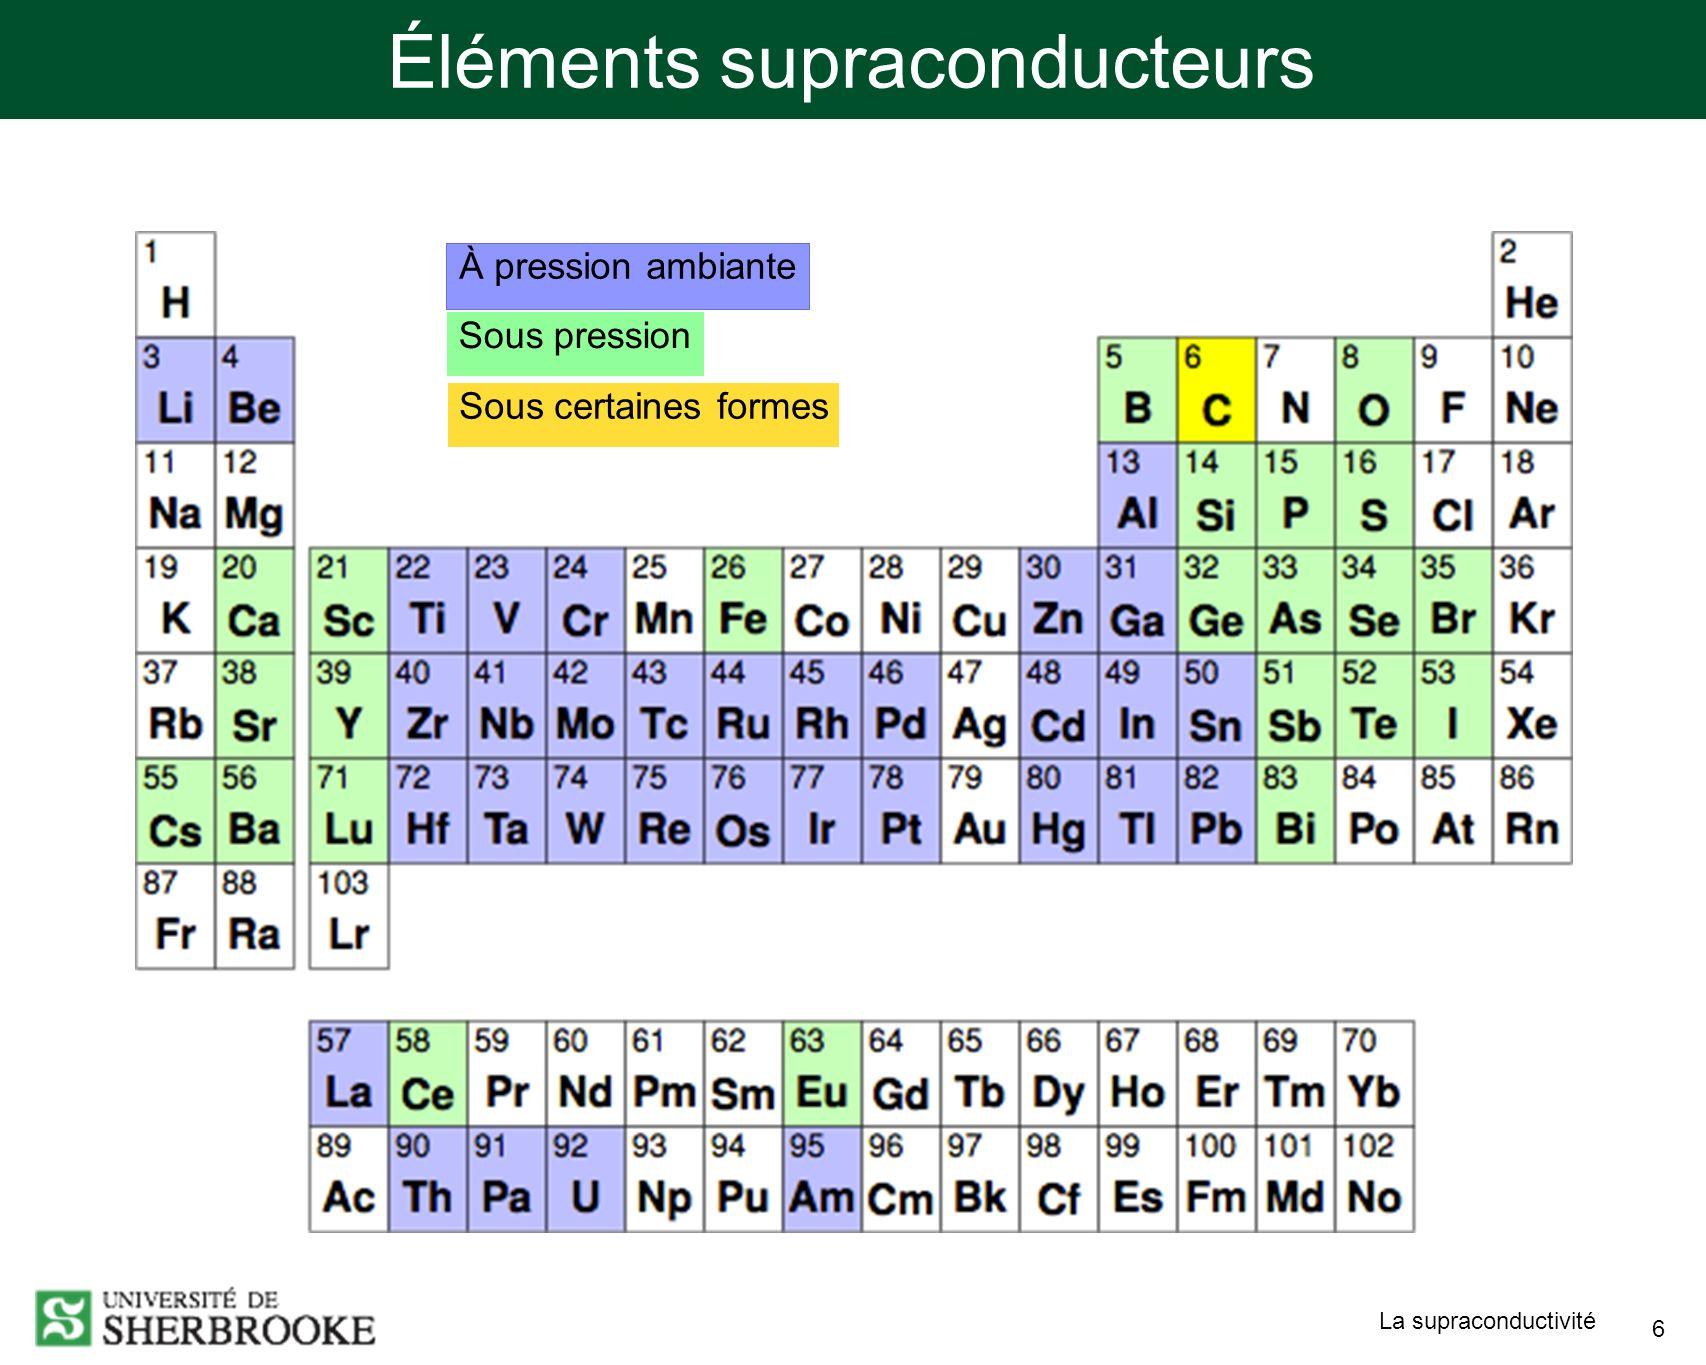 La supraconductivité 27 La suprafluidité Disparition de toute viscosité dans un fluide en-deça dune température critique (ex: hélium liquide < 2.1 K) Comportement étrange : Le fluide remonte les parois dun contenant ouvert Le fluide passe par des trous aussi petits que quelques atomes Leffet fontaine : jaillissement du fluide sil est légèrement chauffé Le moment cinétique dun tourbillon de fluide est quantifié Ce comportement est un aspect de la condensation des bosons (atomes dhélium) Un supraconducteur nest autre chose quun suprafluide chargé électriquement!